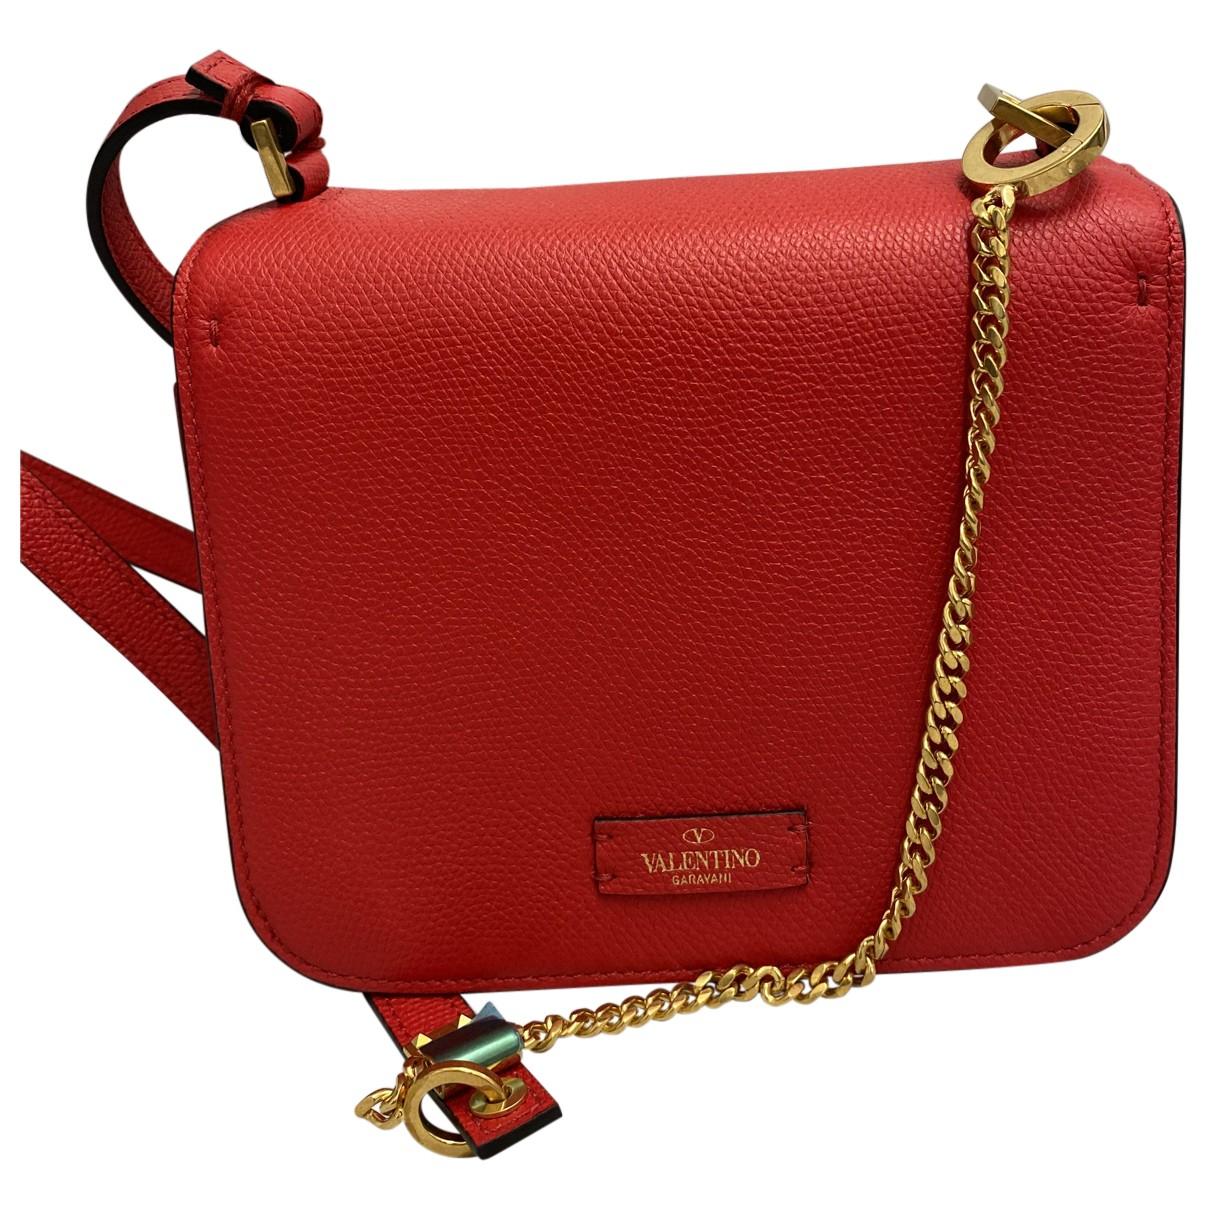 Valentino Garavani Vsling Red Leather handbag for Women N